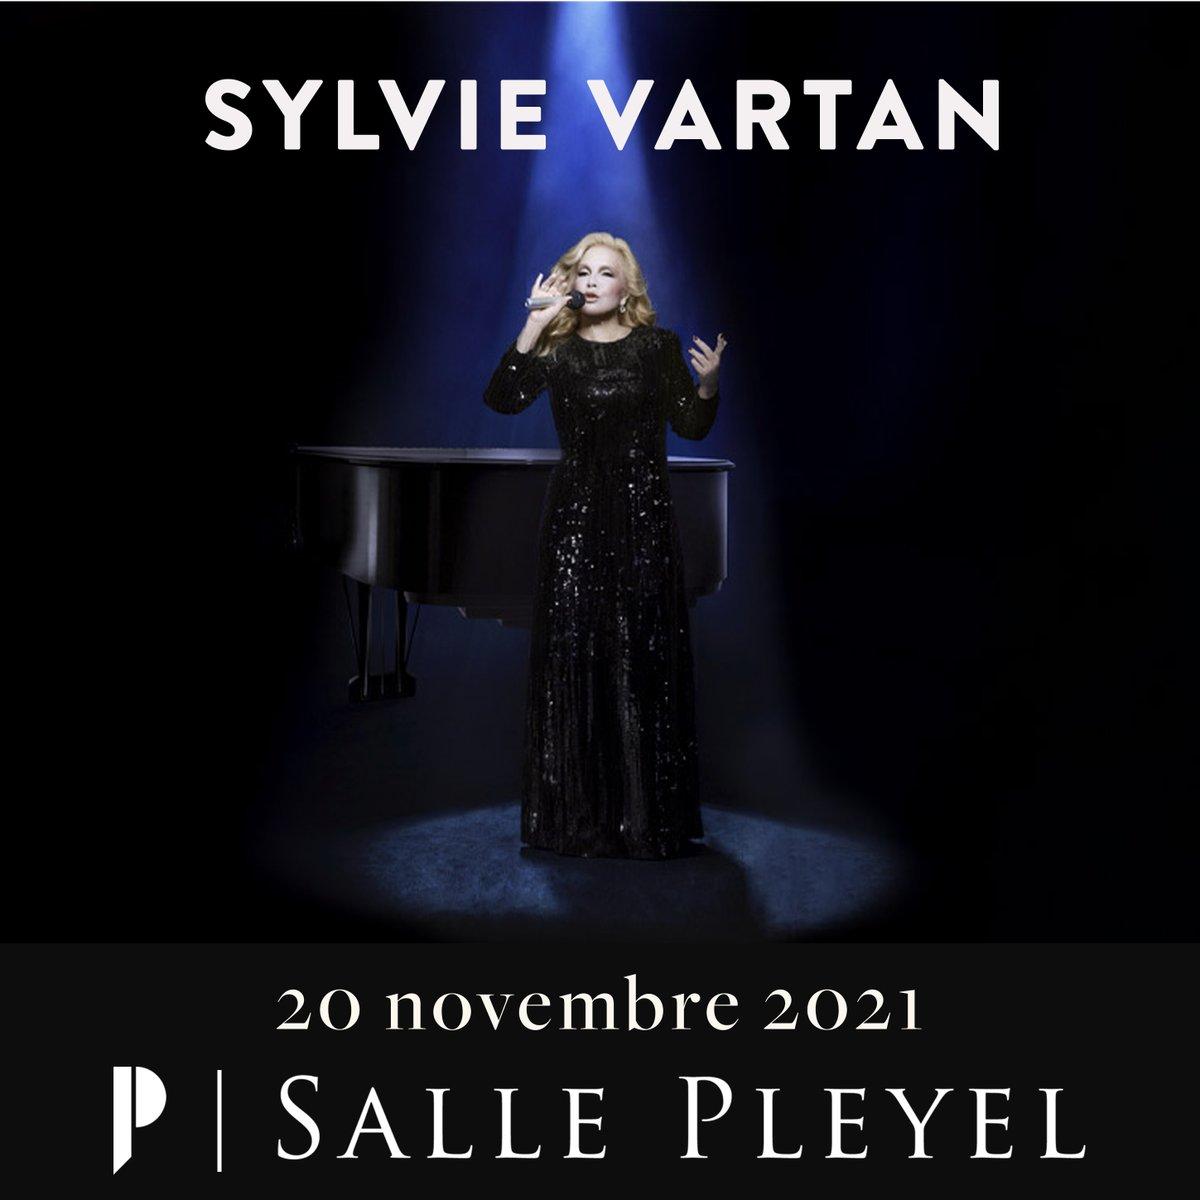 [ MISE EN VENTE ]  SYLVIE VARTAN - SAMEDI 20 NOVEMBRE 2021  #SylvieVartan se confiera comme elle ne l'a jamais fait auparavant lors d'un récital façonné des plus belles chansons intemporelles  de son